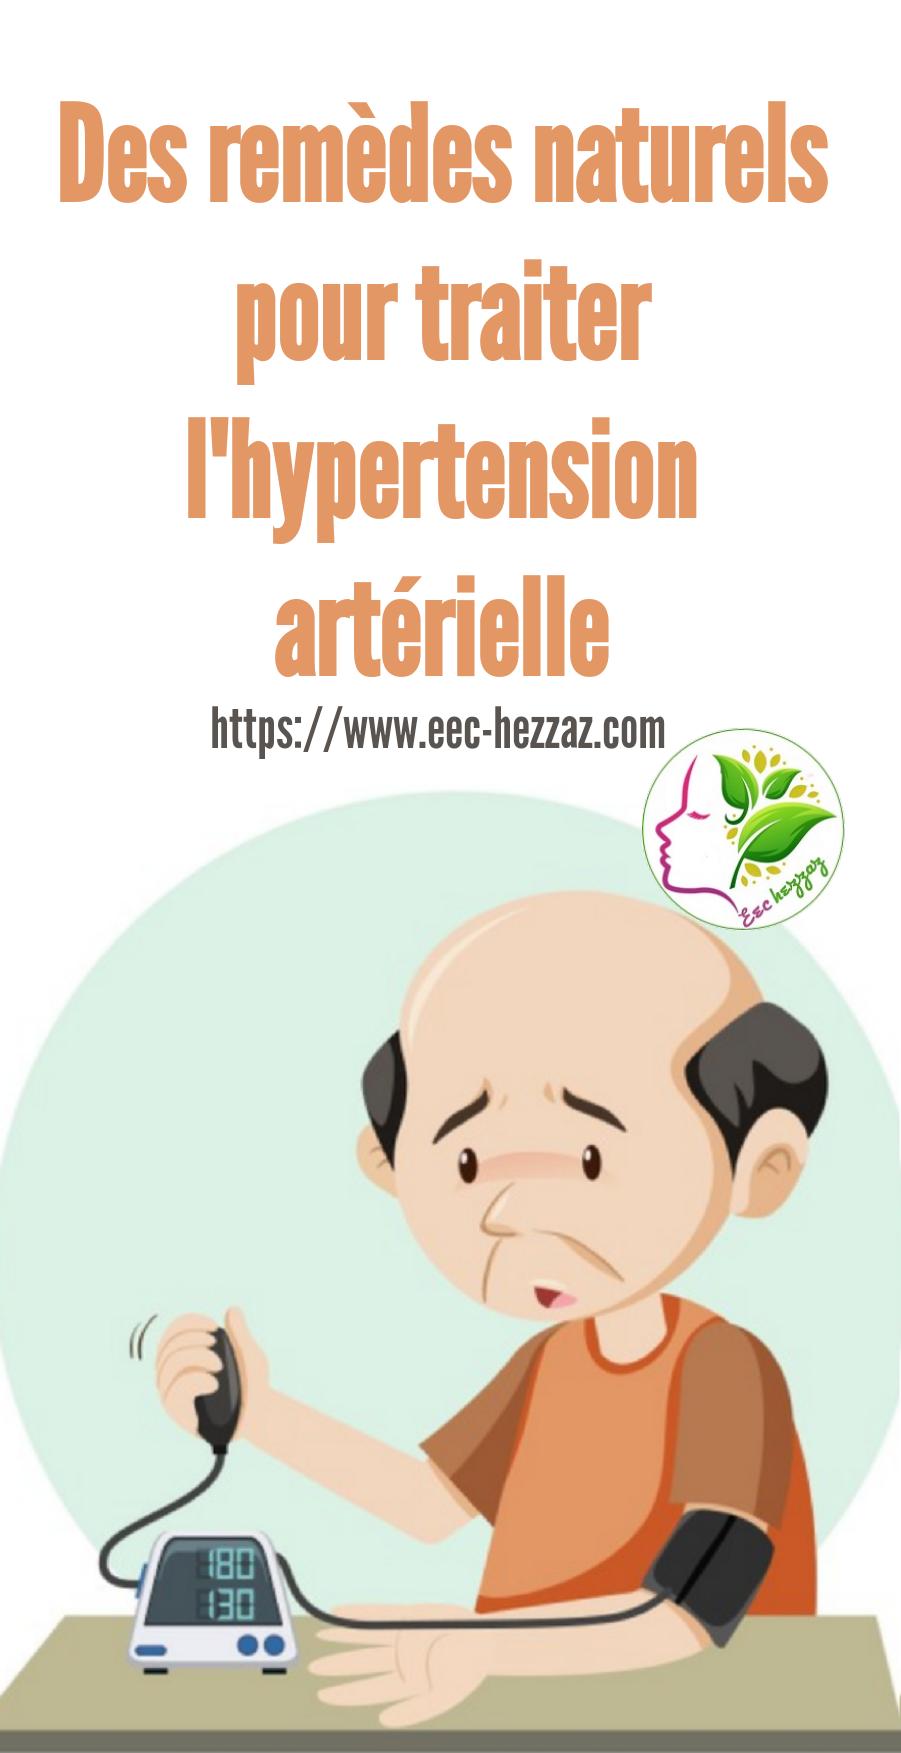 Des remèdes naturels pour traiter l'hypertension artérielle